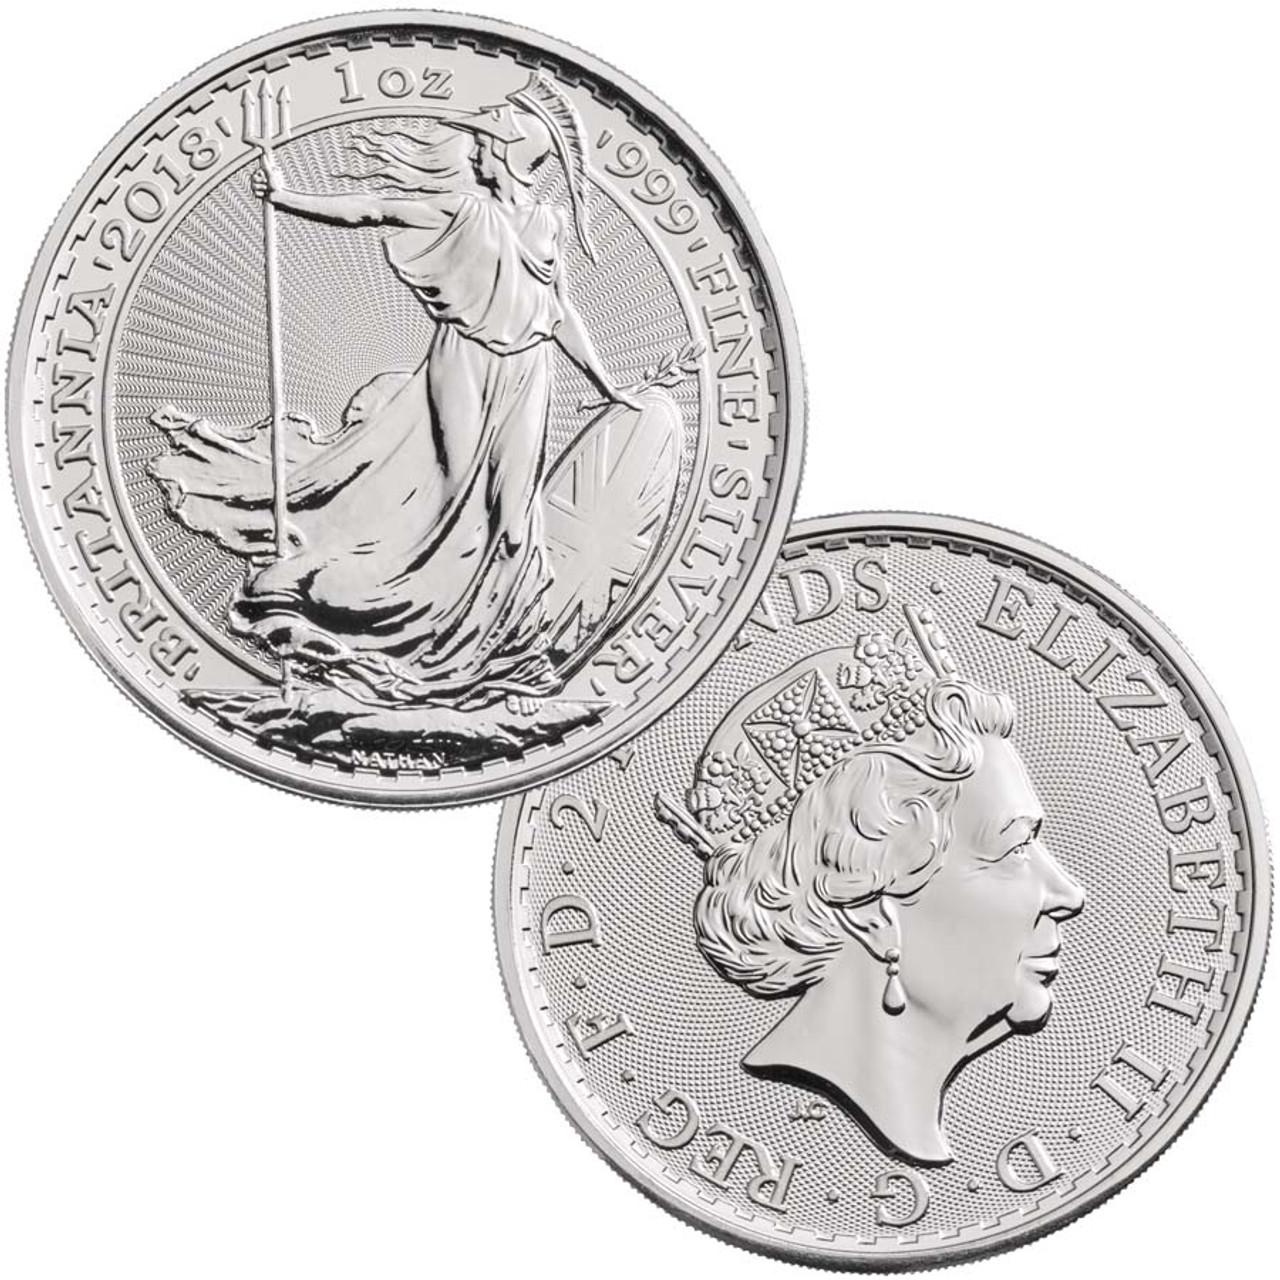 Great Britain 2018 Britannia 1 oz. Silver Brilliant Uncirculated